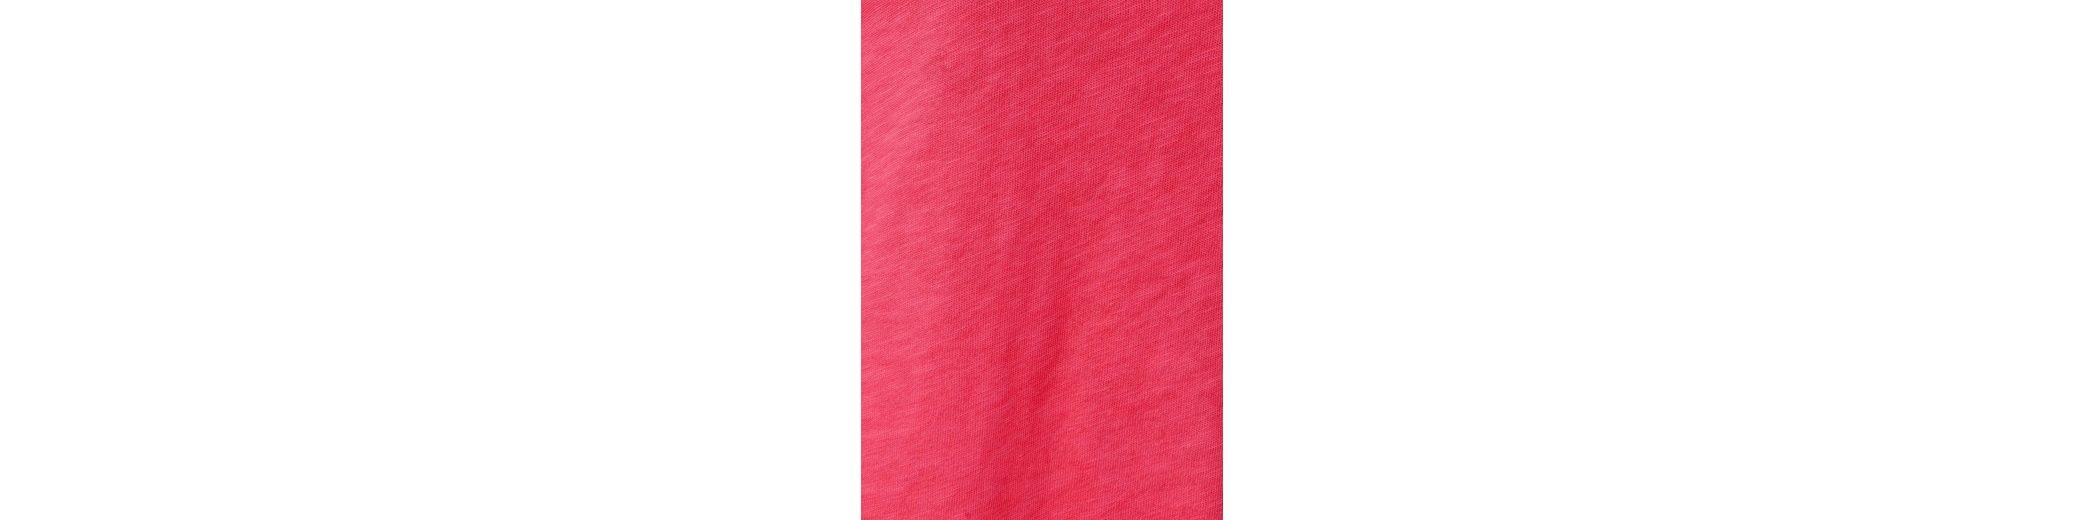 Bester Großhandelsverkauf Online Bestseller Zum Verkauf Street One Weiches Shirt Mina Günstig Kaufen Neue Ankunft IXh9WnQ